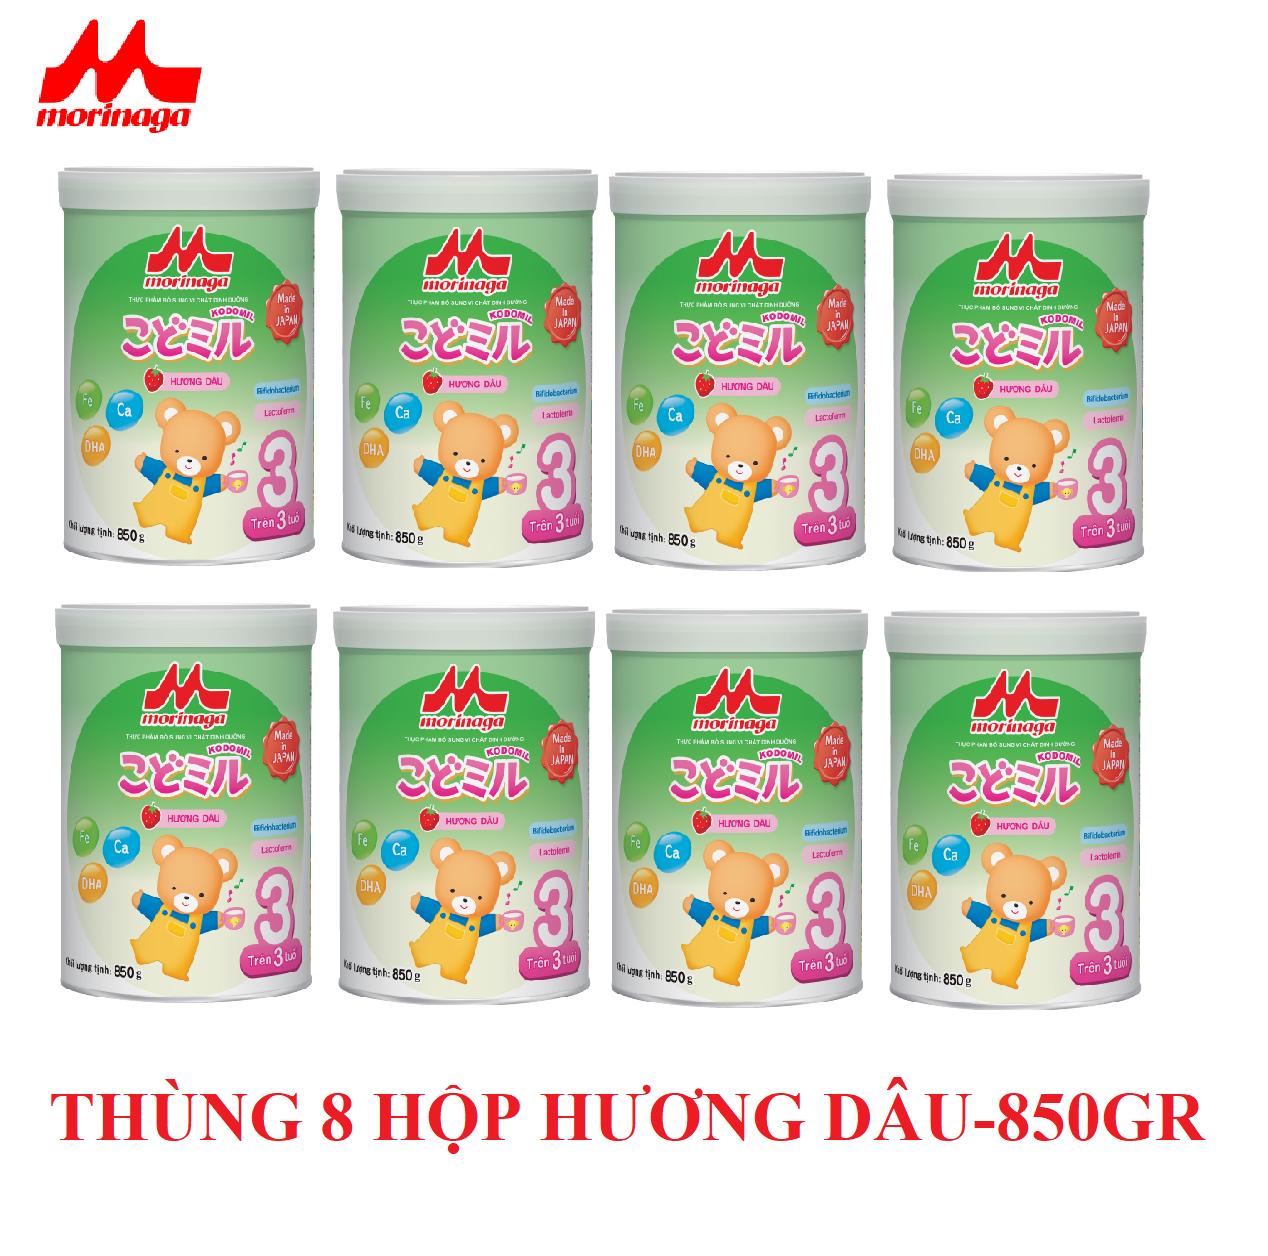 Thùng 8 hộp sữa Morinaga số 3 Koddomil 850gr- hương dâu (tách đai) 2